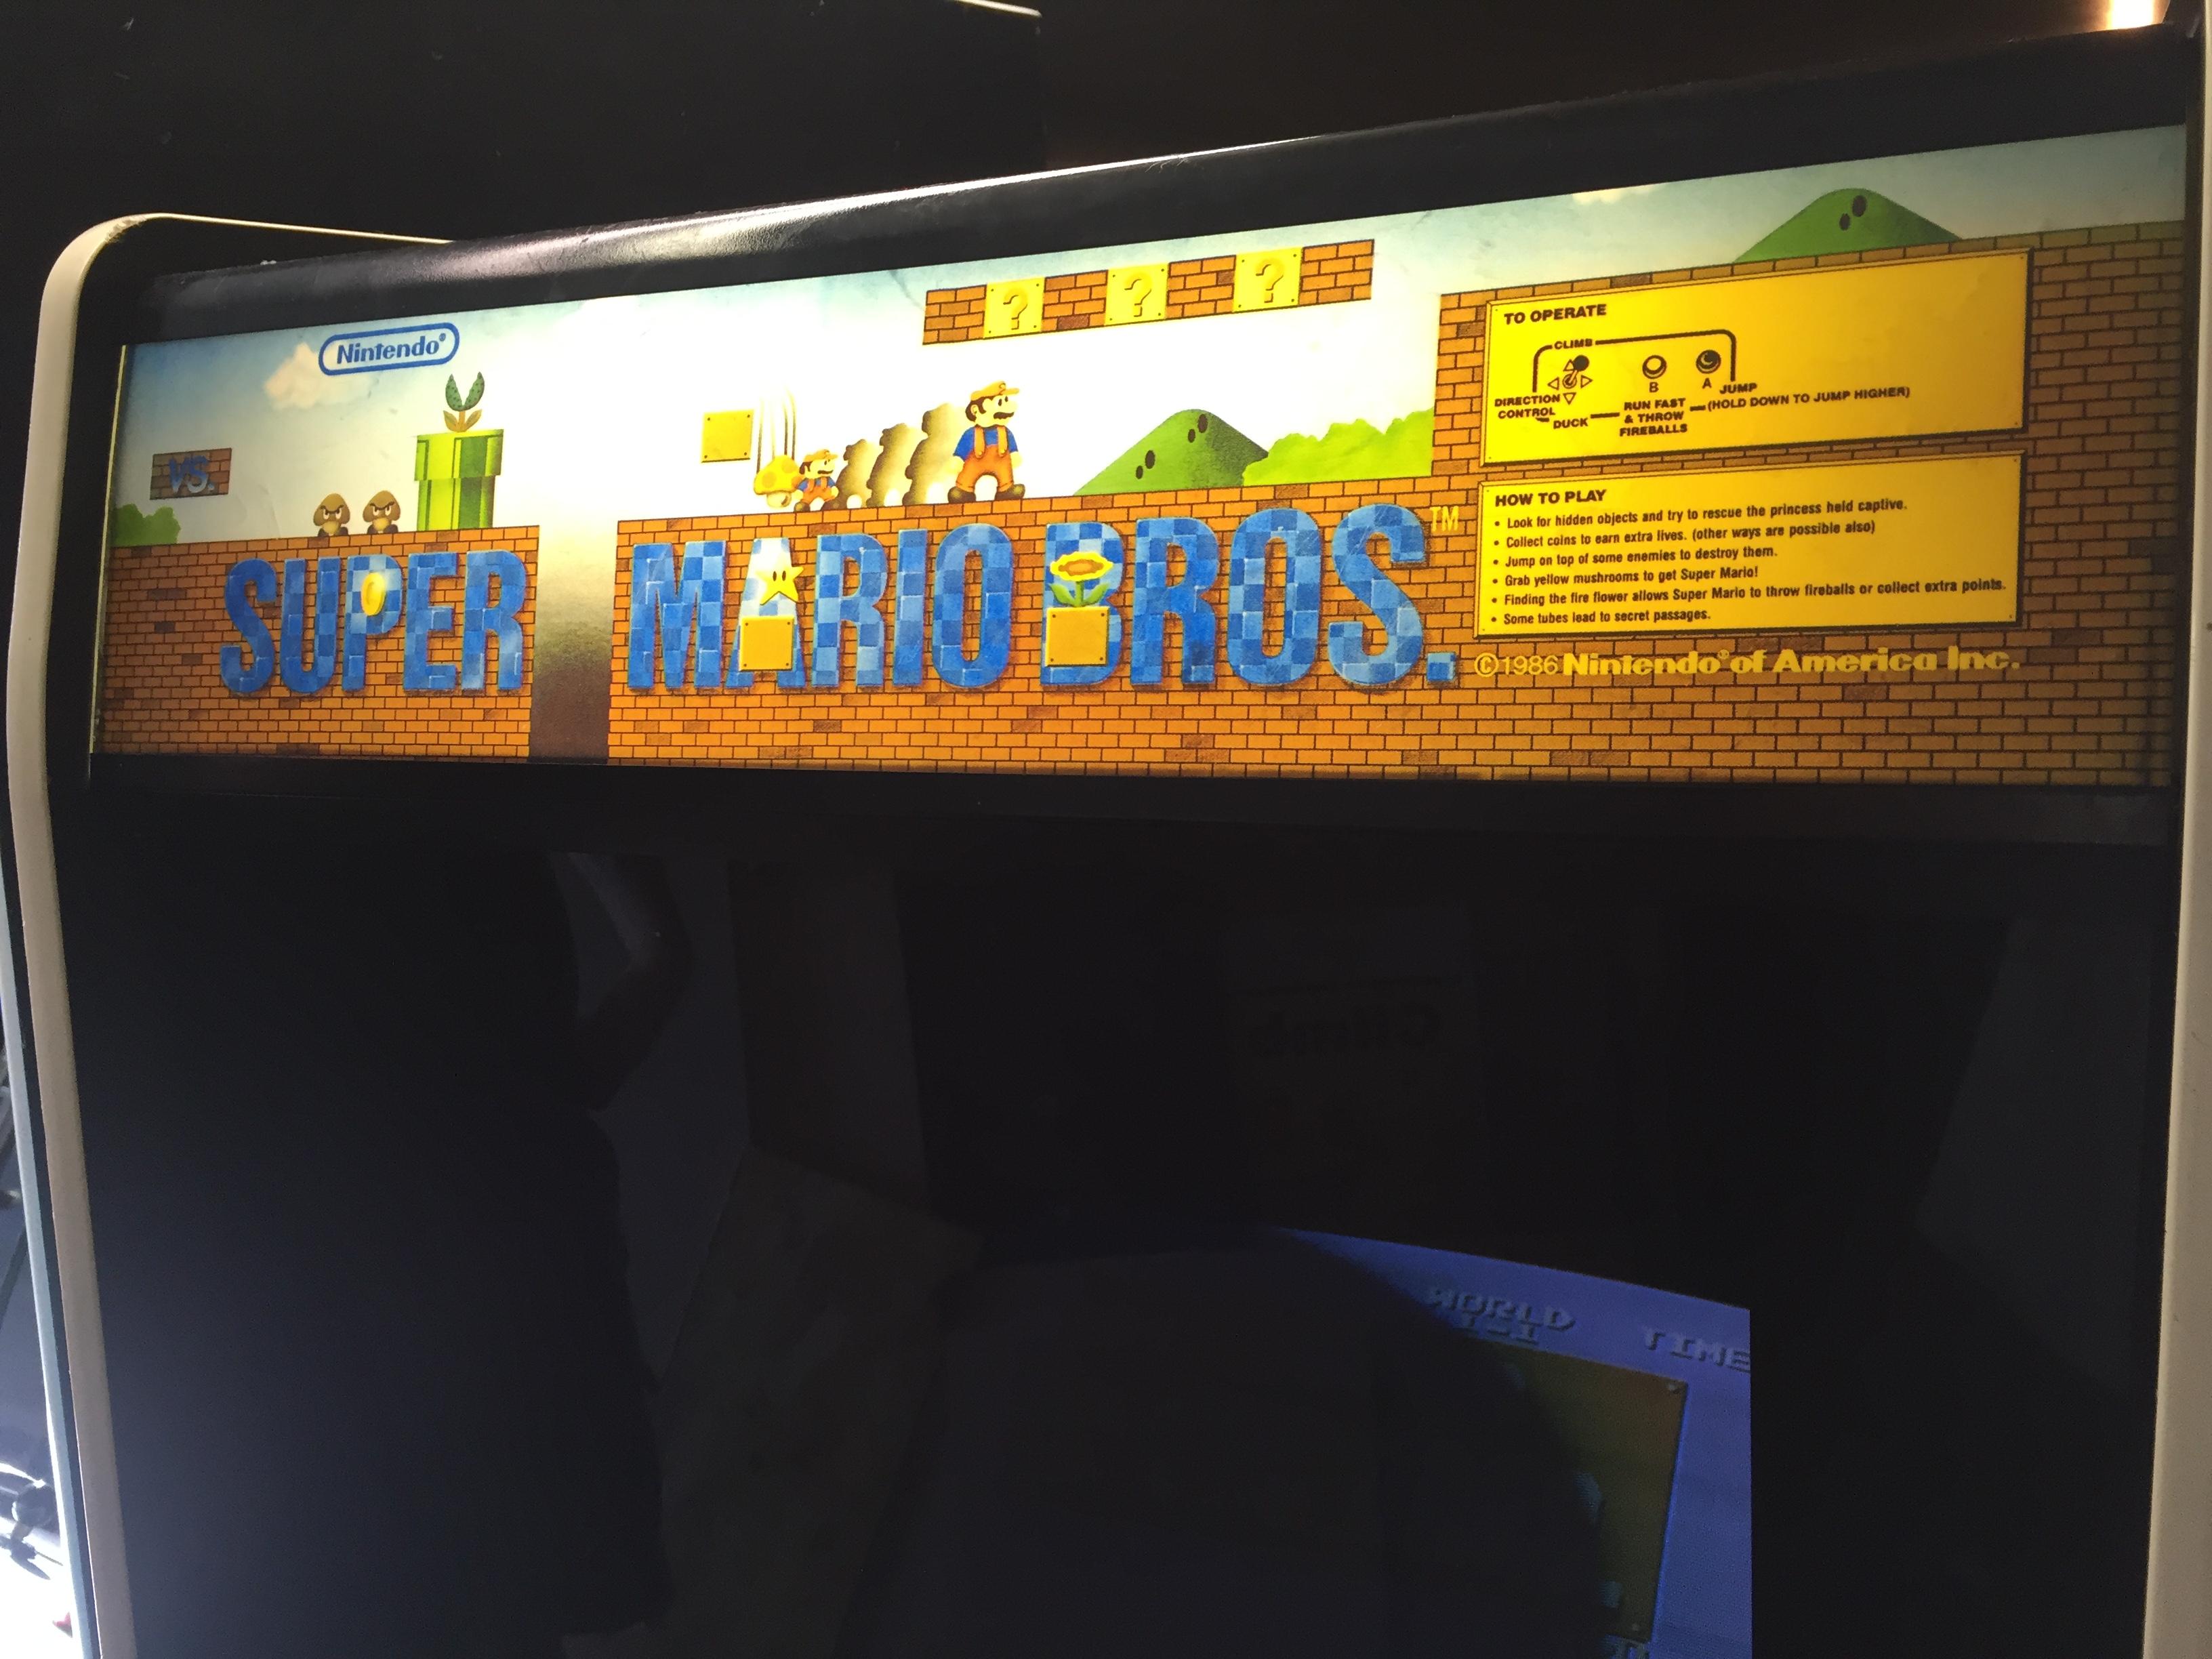 Super Mario Bros Arcade Marquee Arcade Marquee Dot Com